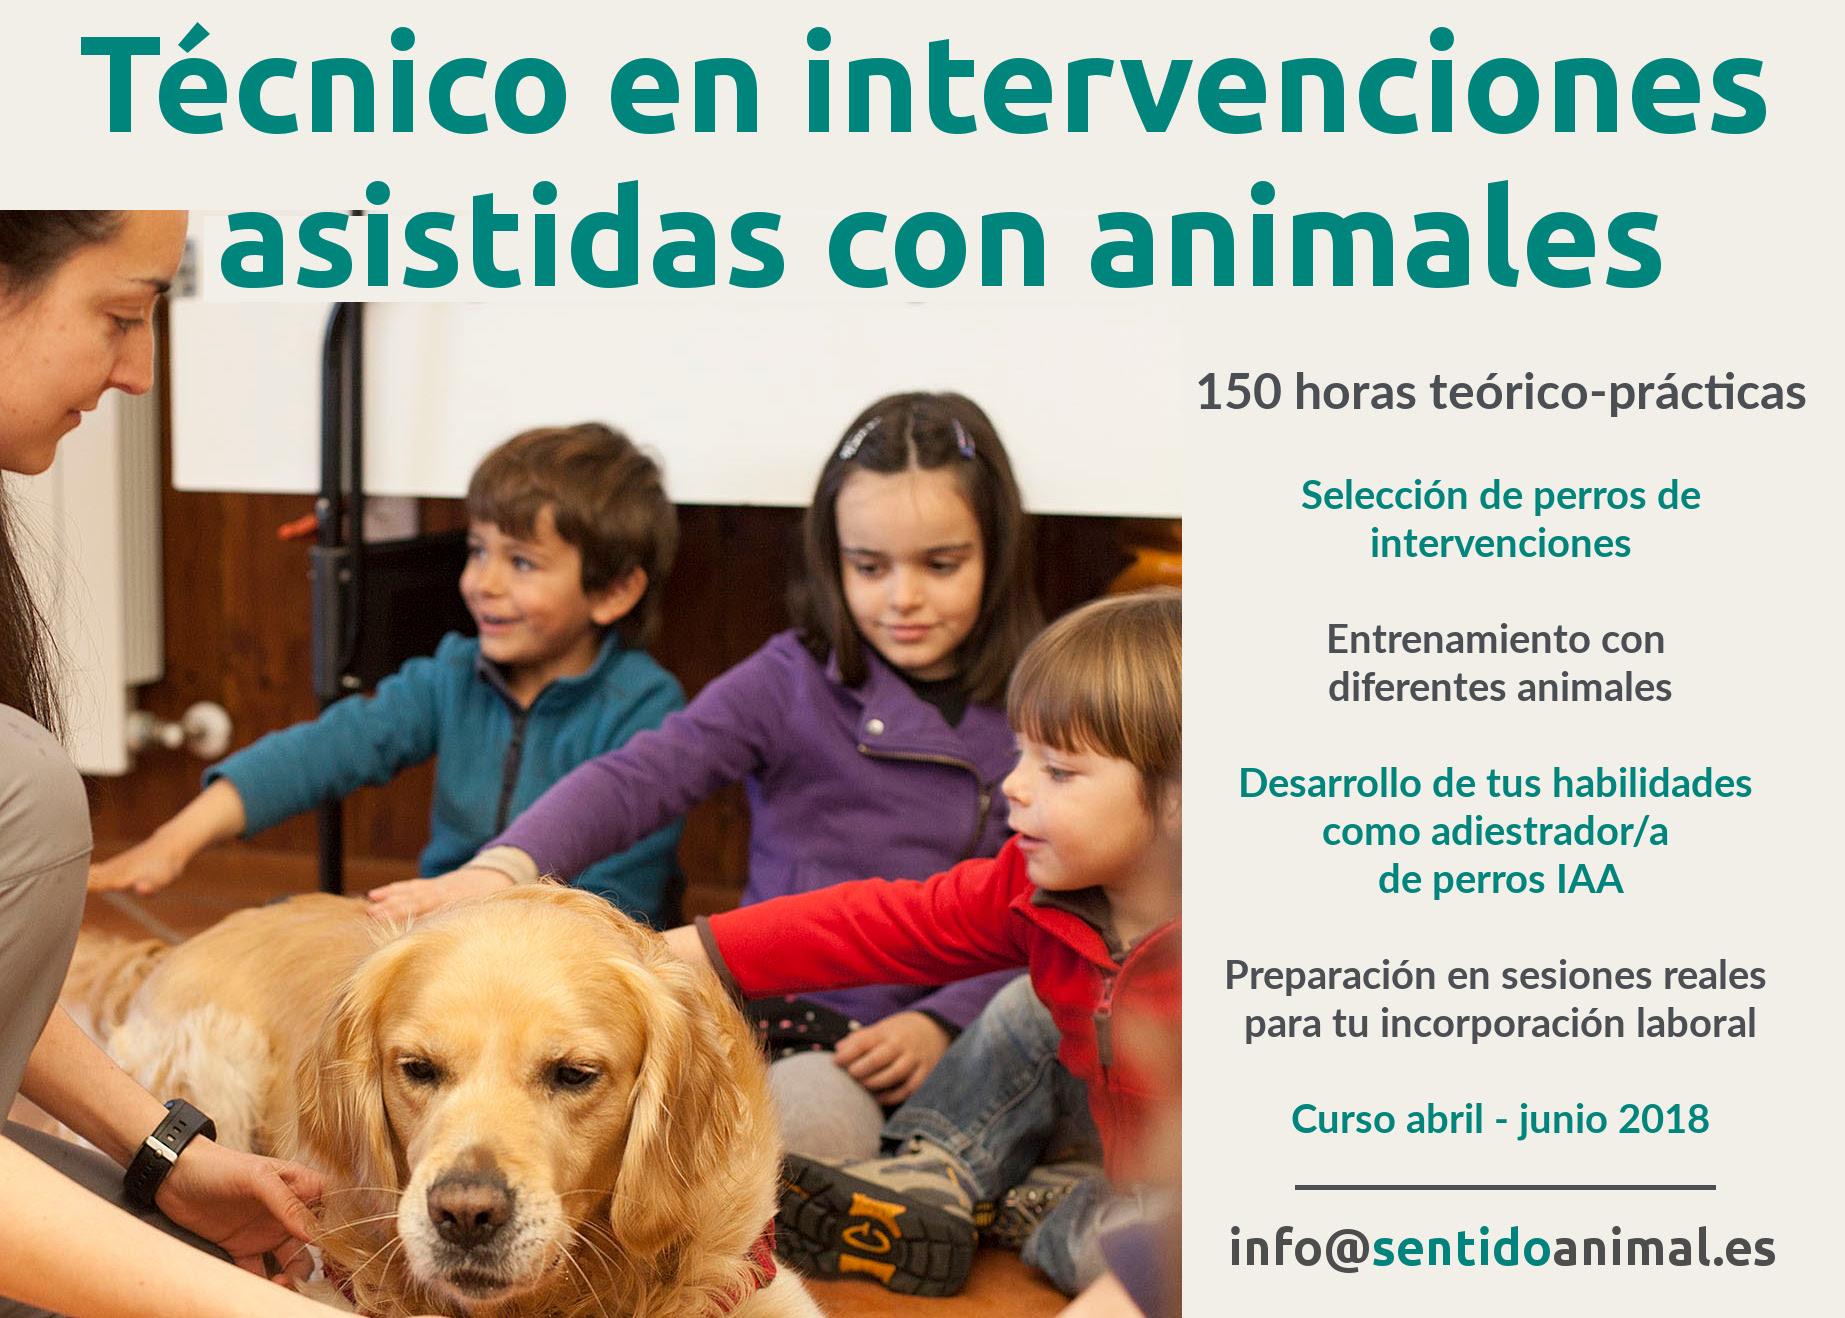 Curso Técnico en intervenciones asistidas con animales